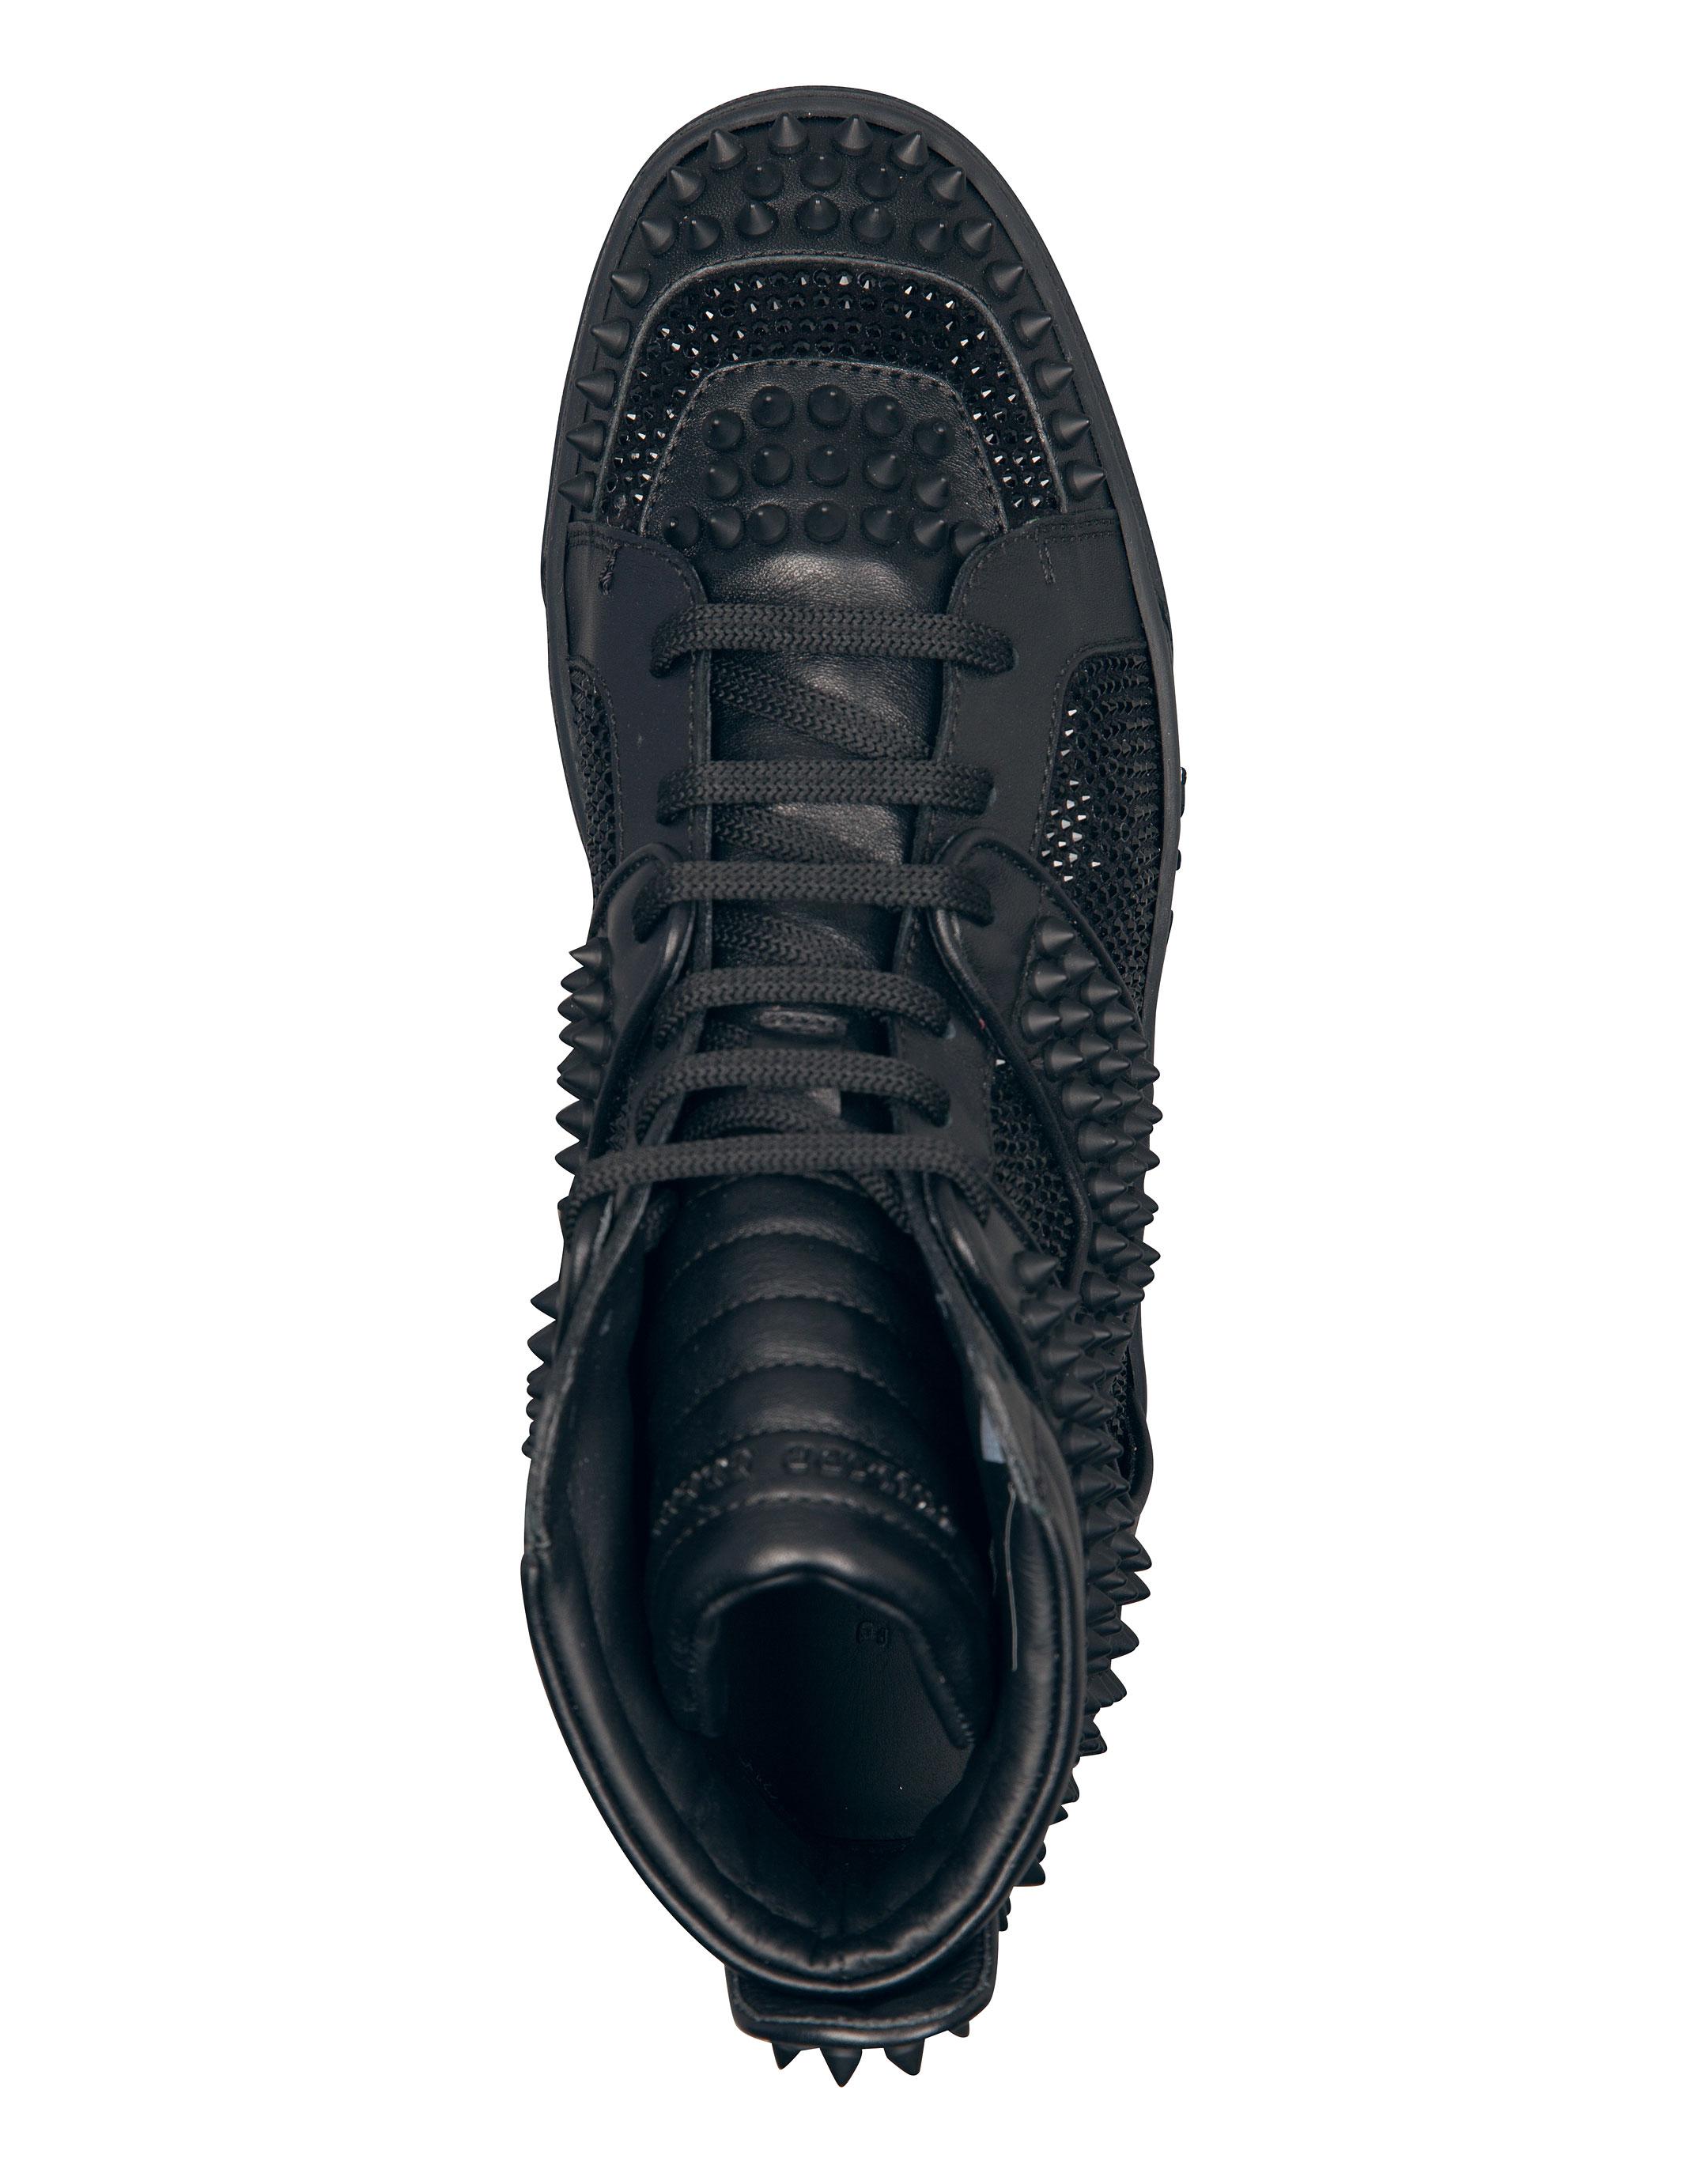 b1e554b212 Hi-Top Sneakers